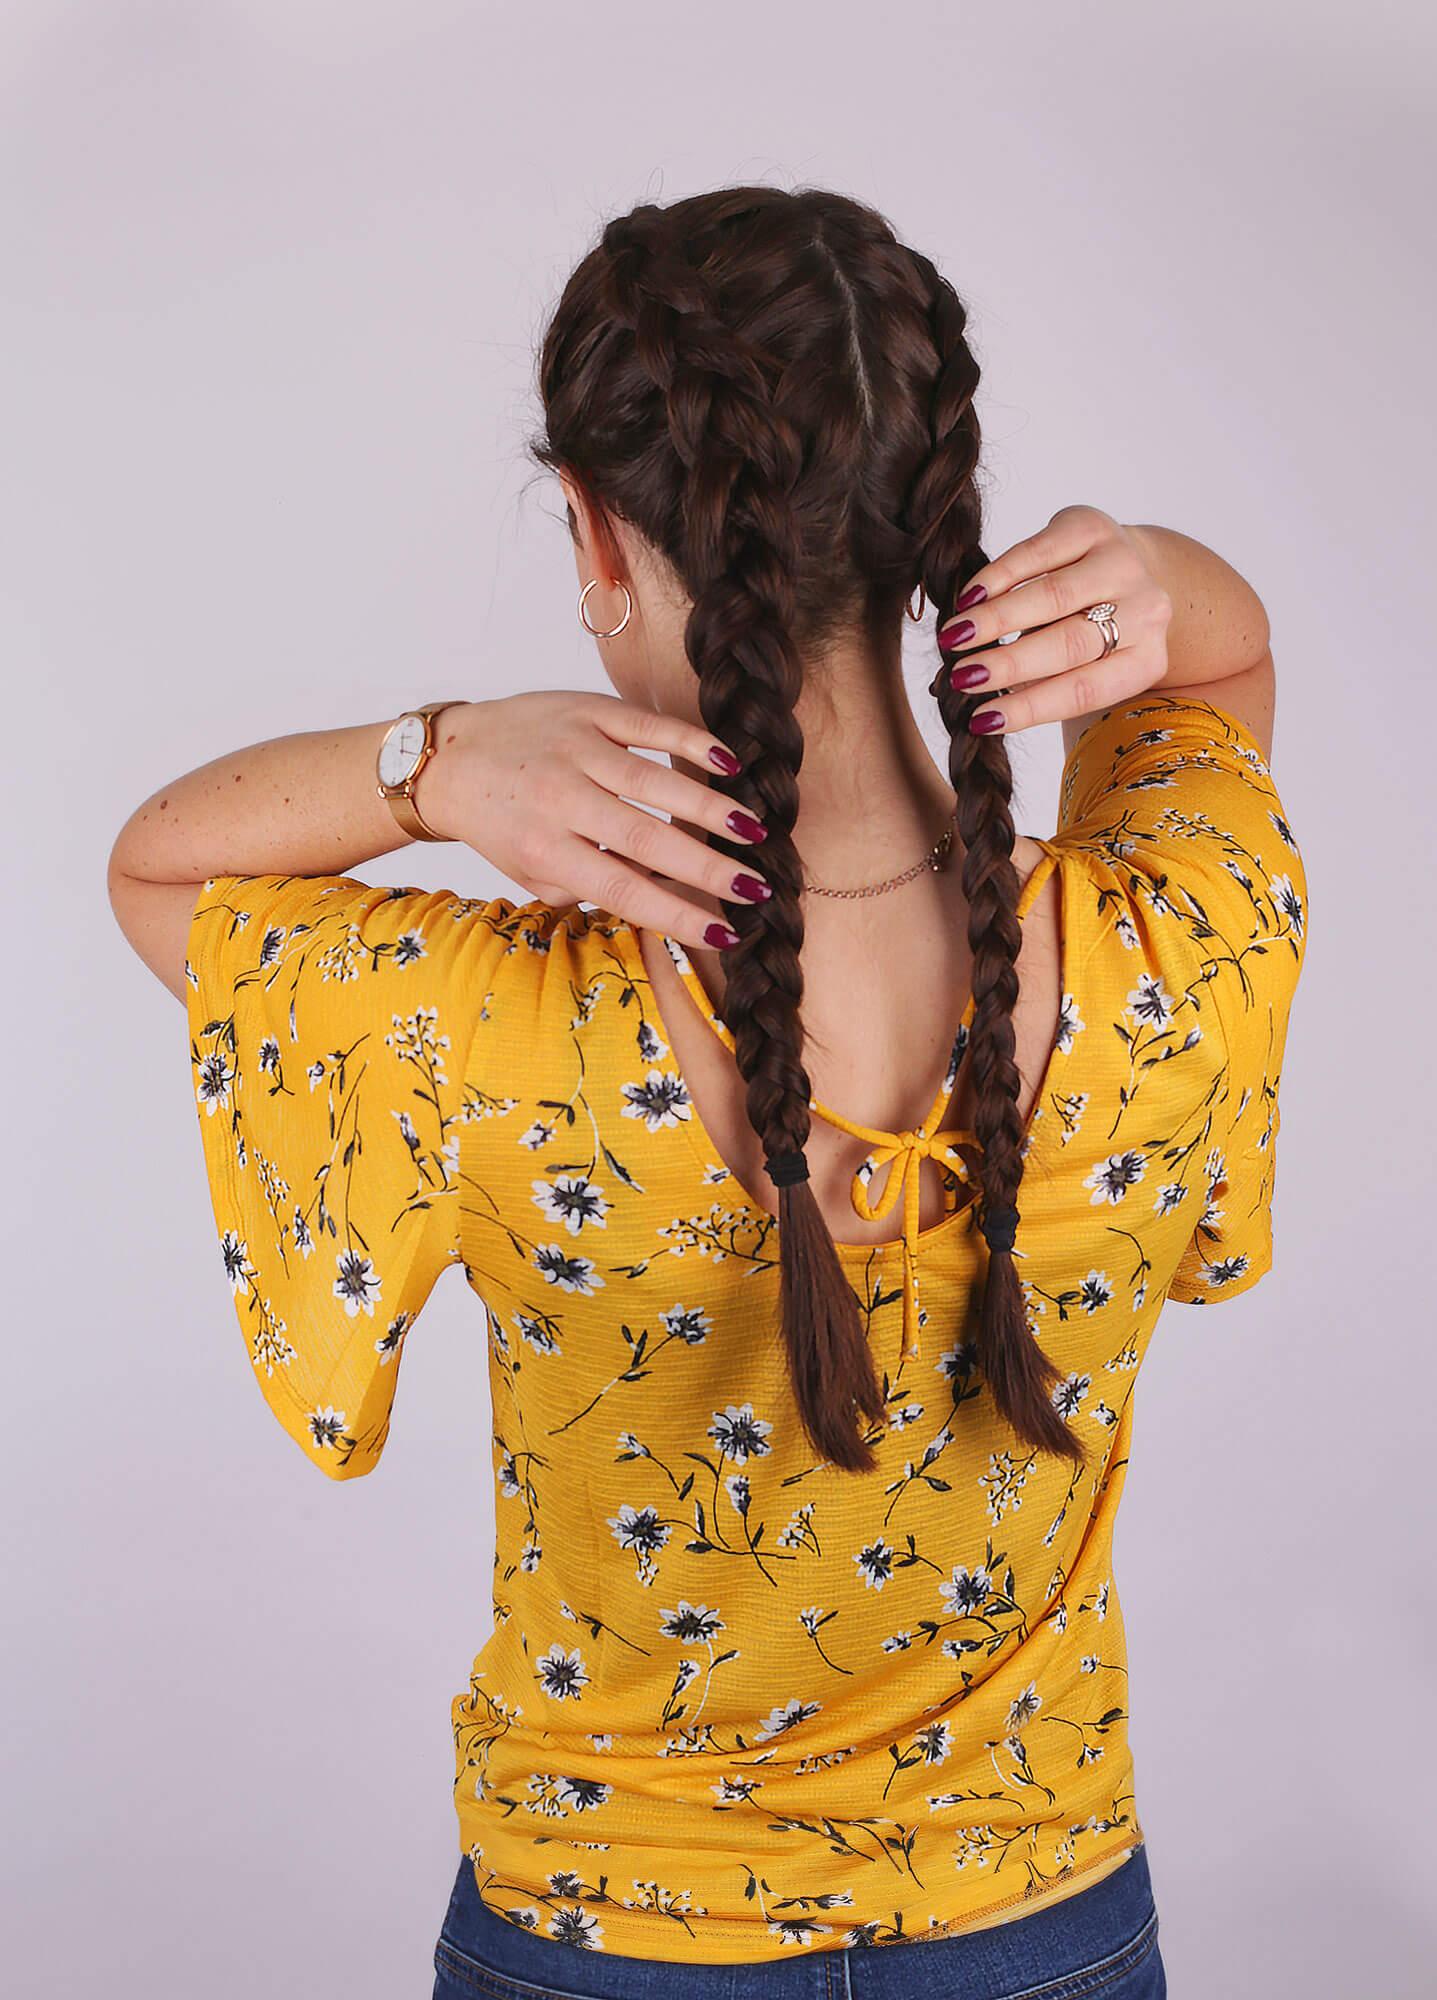 Lange Haare Trendfrisur